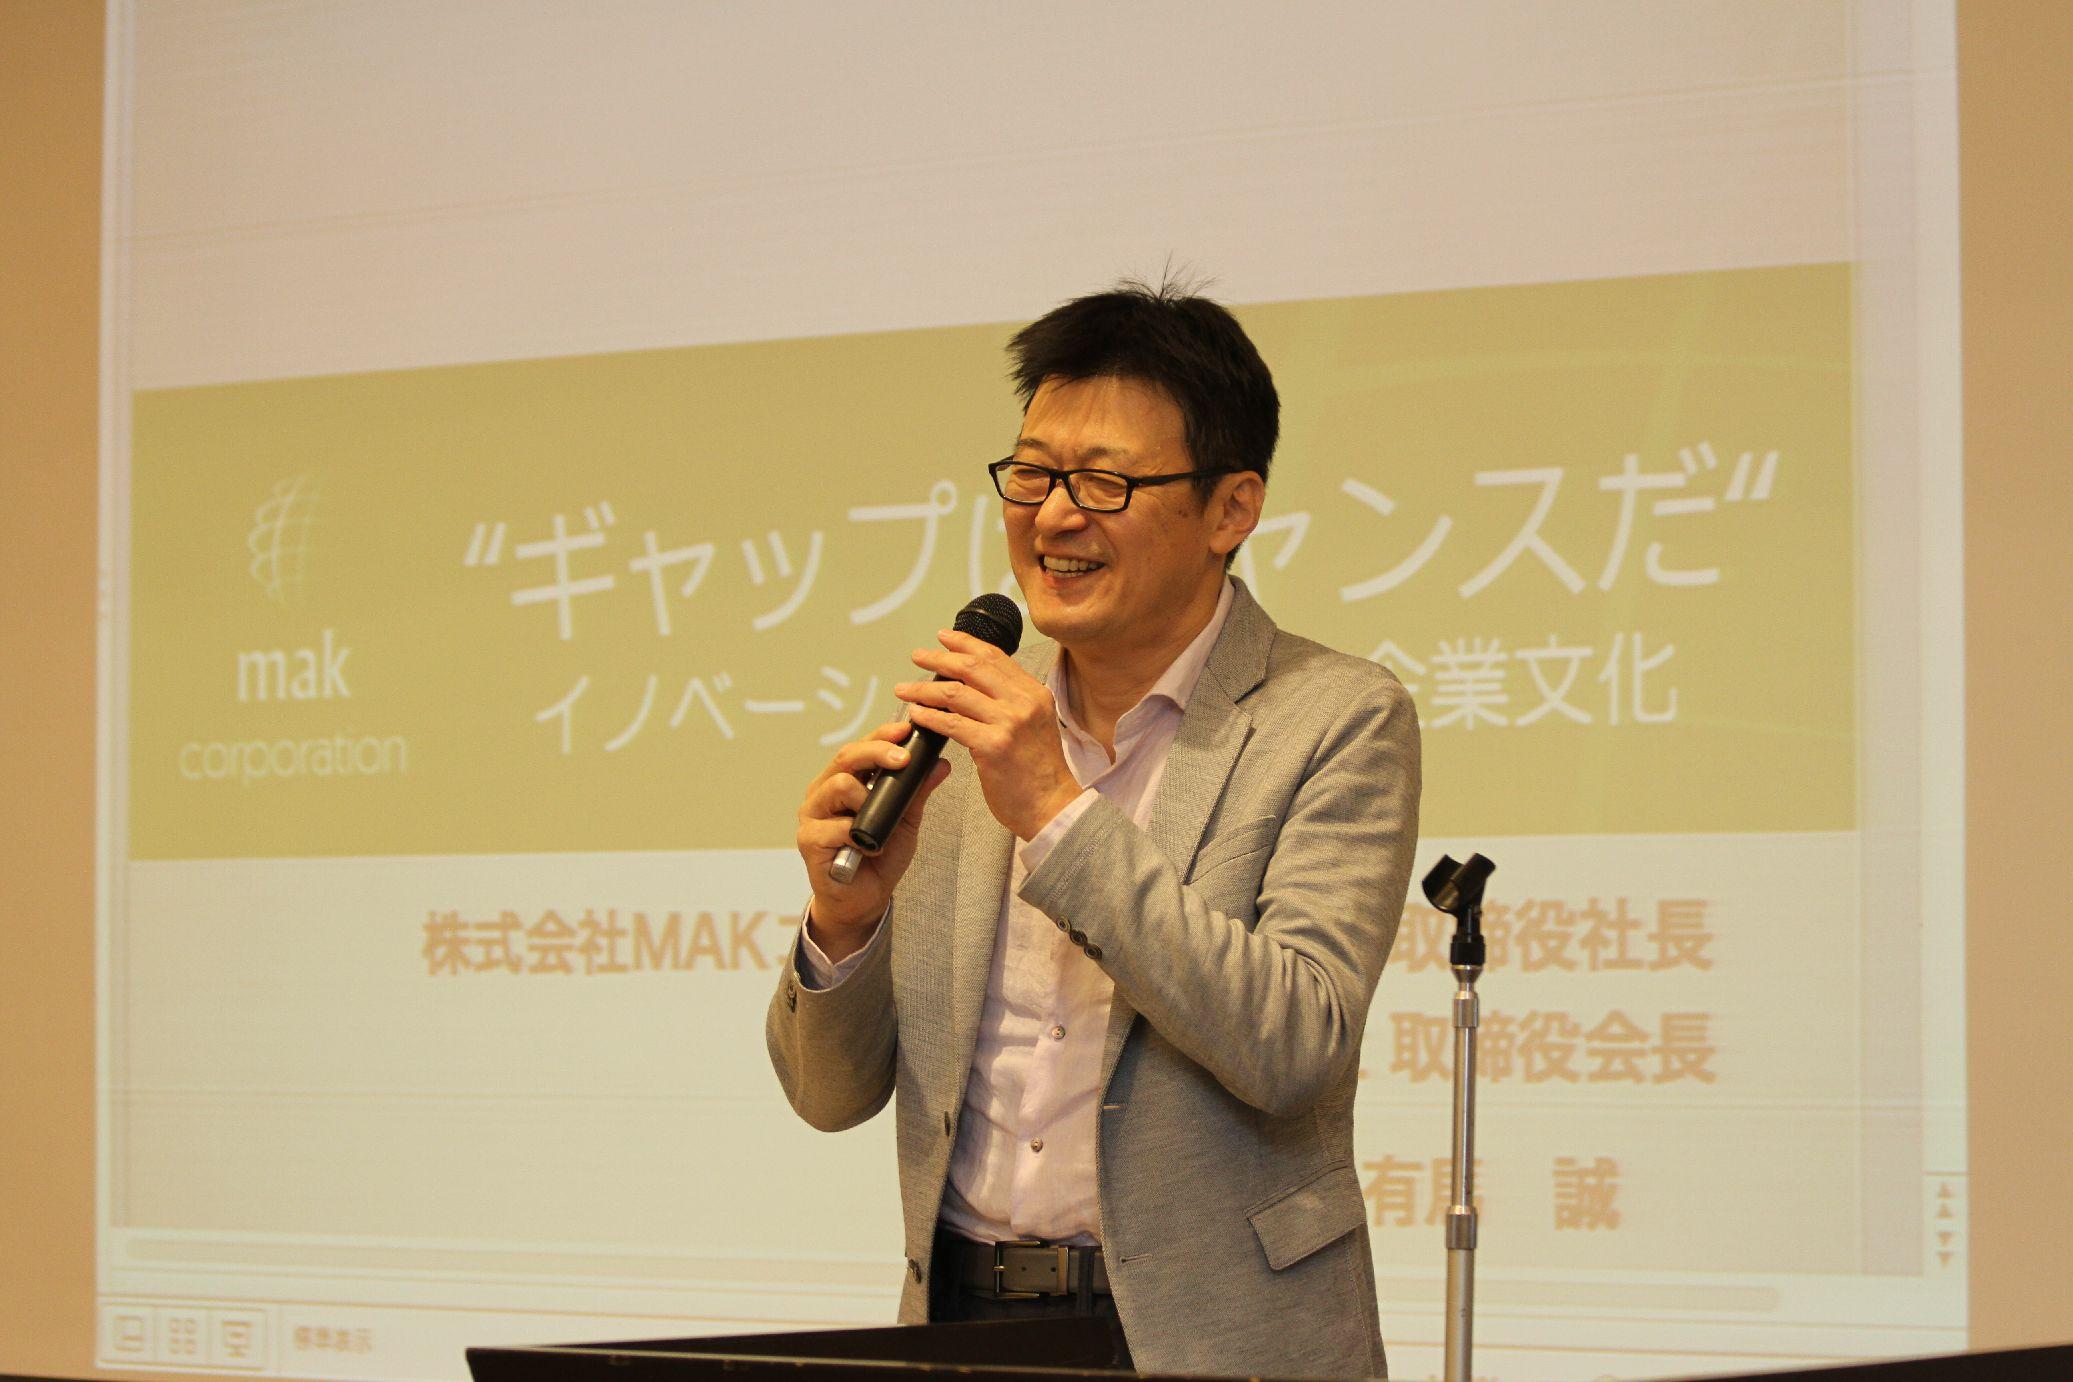 元グーグル日本法人社長の有馬 誠氏を講師に招き、第1回常石CSV講演会を開催~ツネイシホールディングス